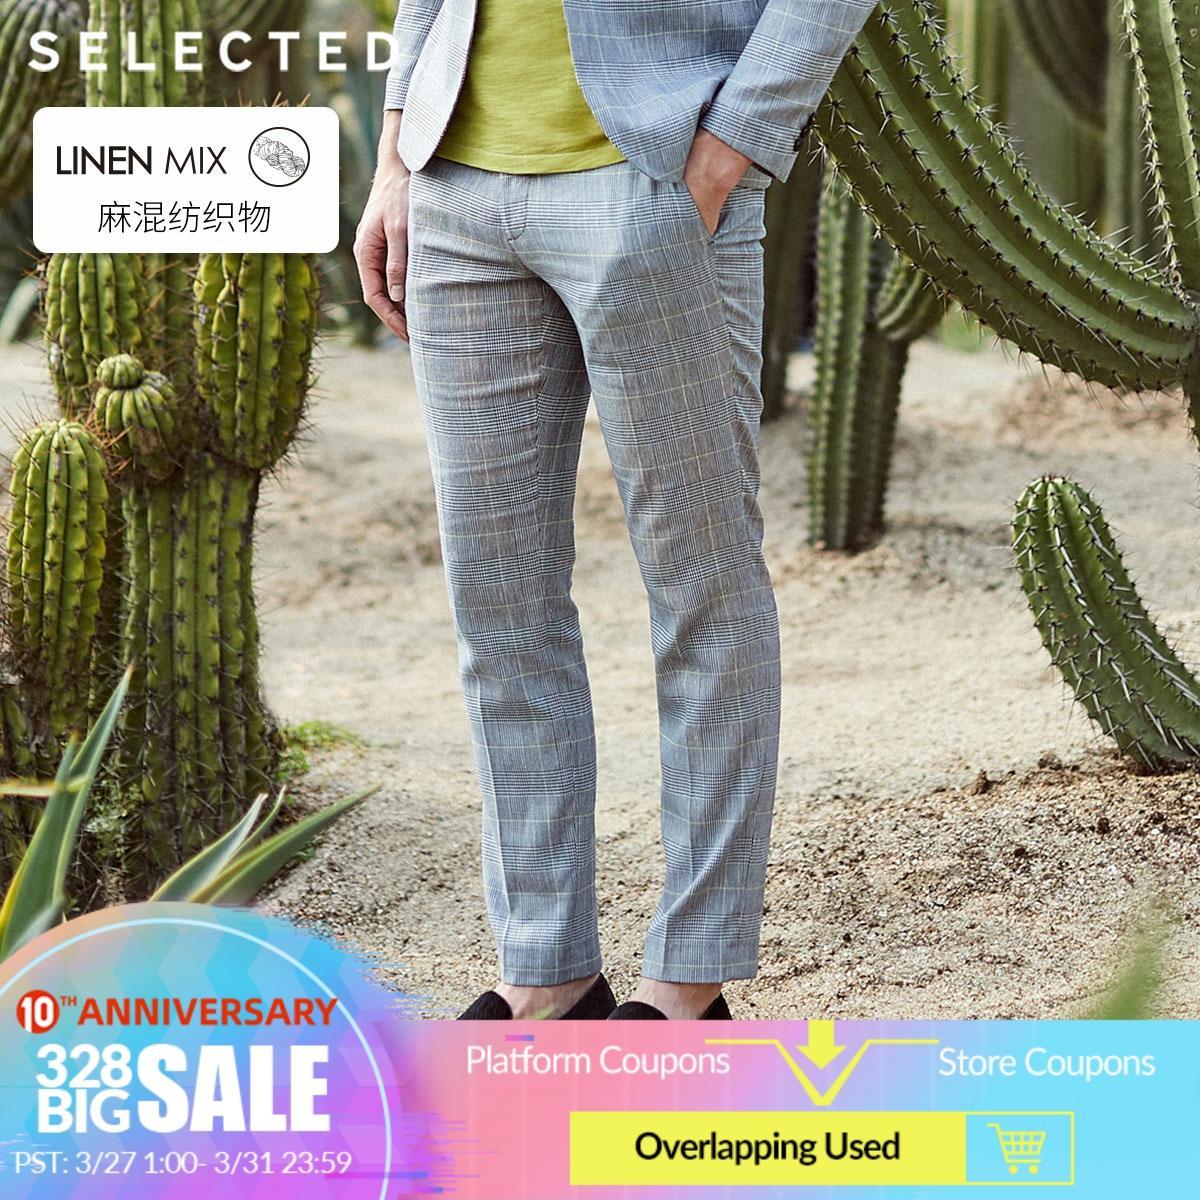 SELECTED Slim Fit Linen Blending Assorted Colors Plaid Suit Pants S 419218509